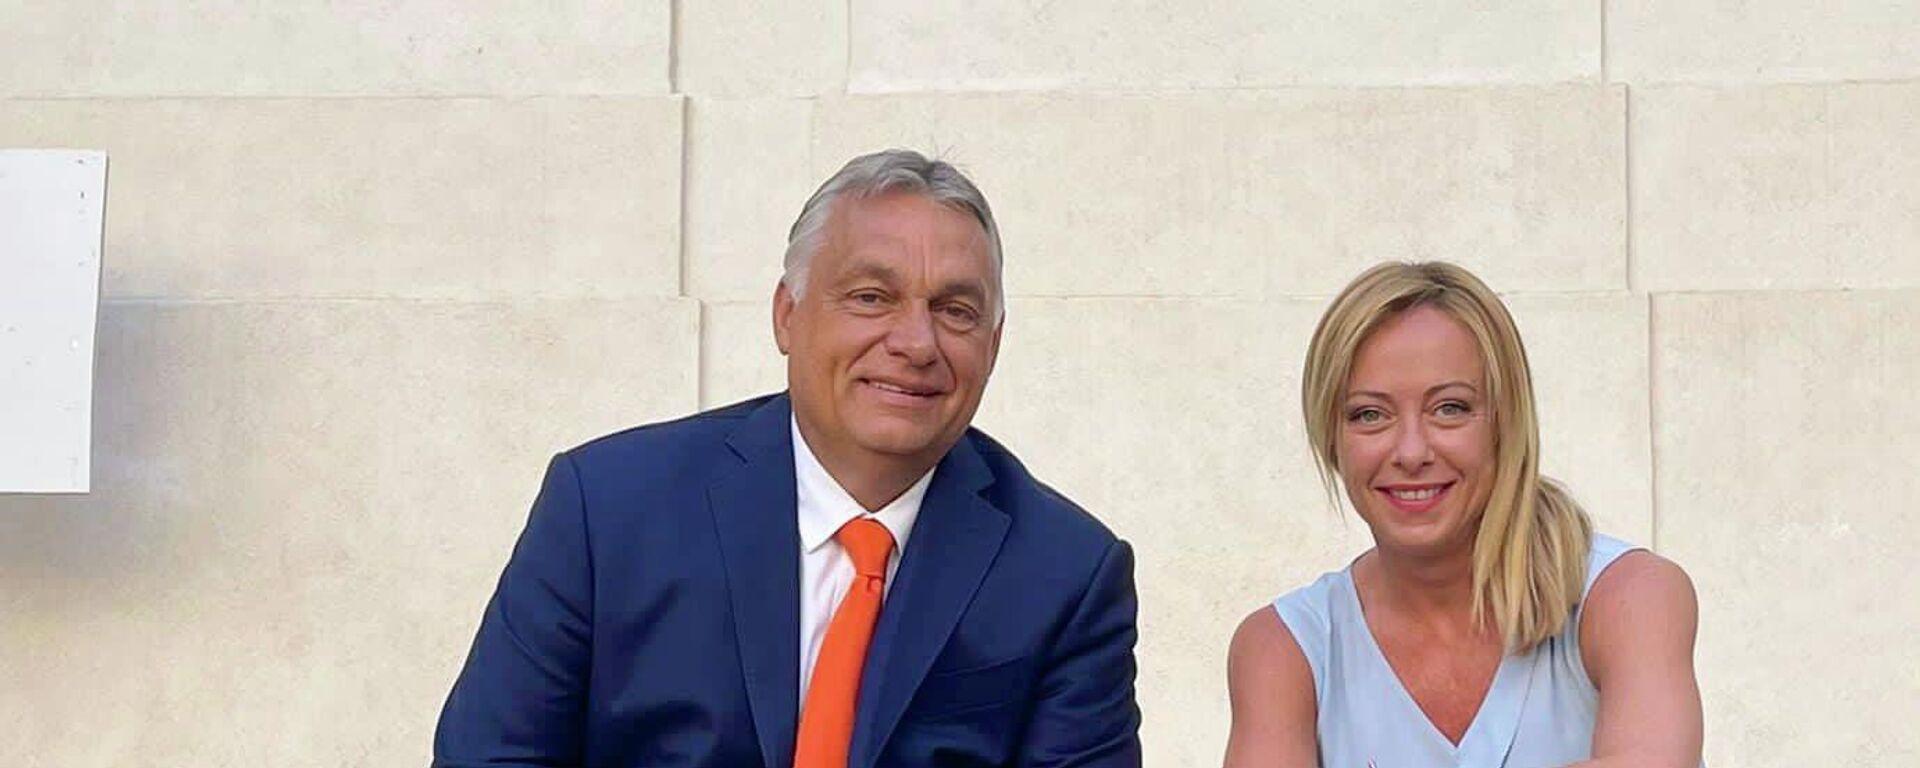 Viktor Orbán e Giorgia Meloni - Sputnik Italia, 1920, 28.08.2021